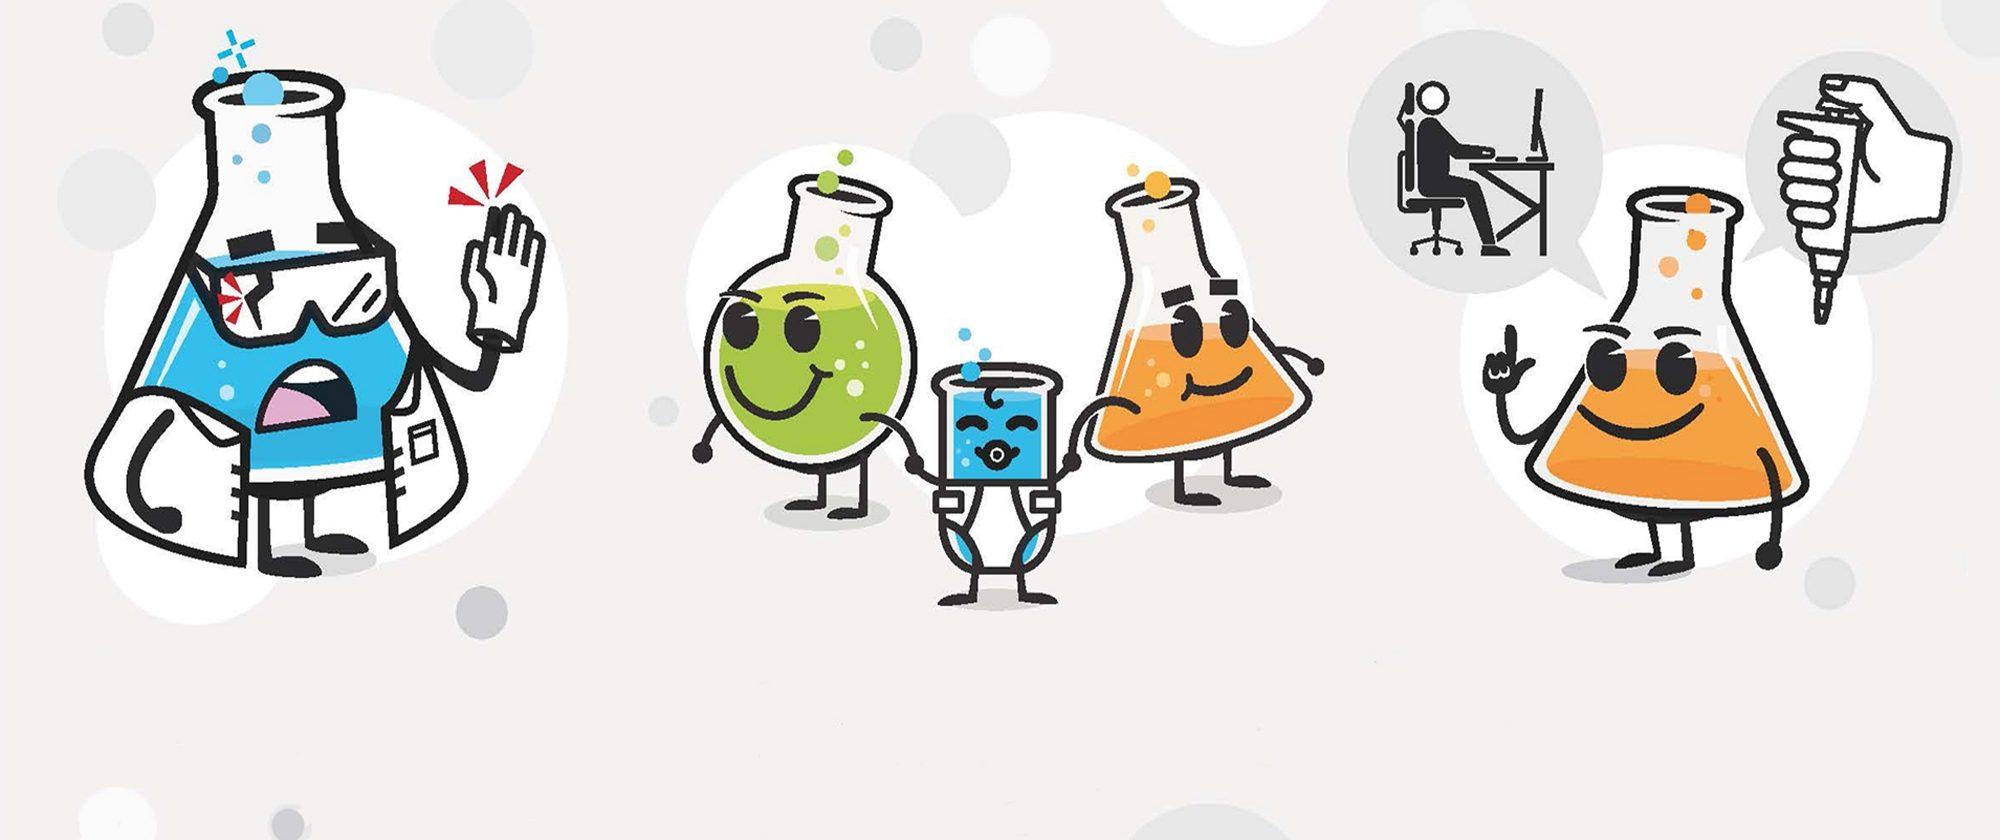 """Ilustraciones de la campaña """"La prevención es cosa de todos. ¡Empieza por ti!"""" (diseñador: Roger Ametller)."""